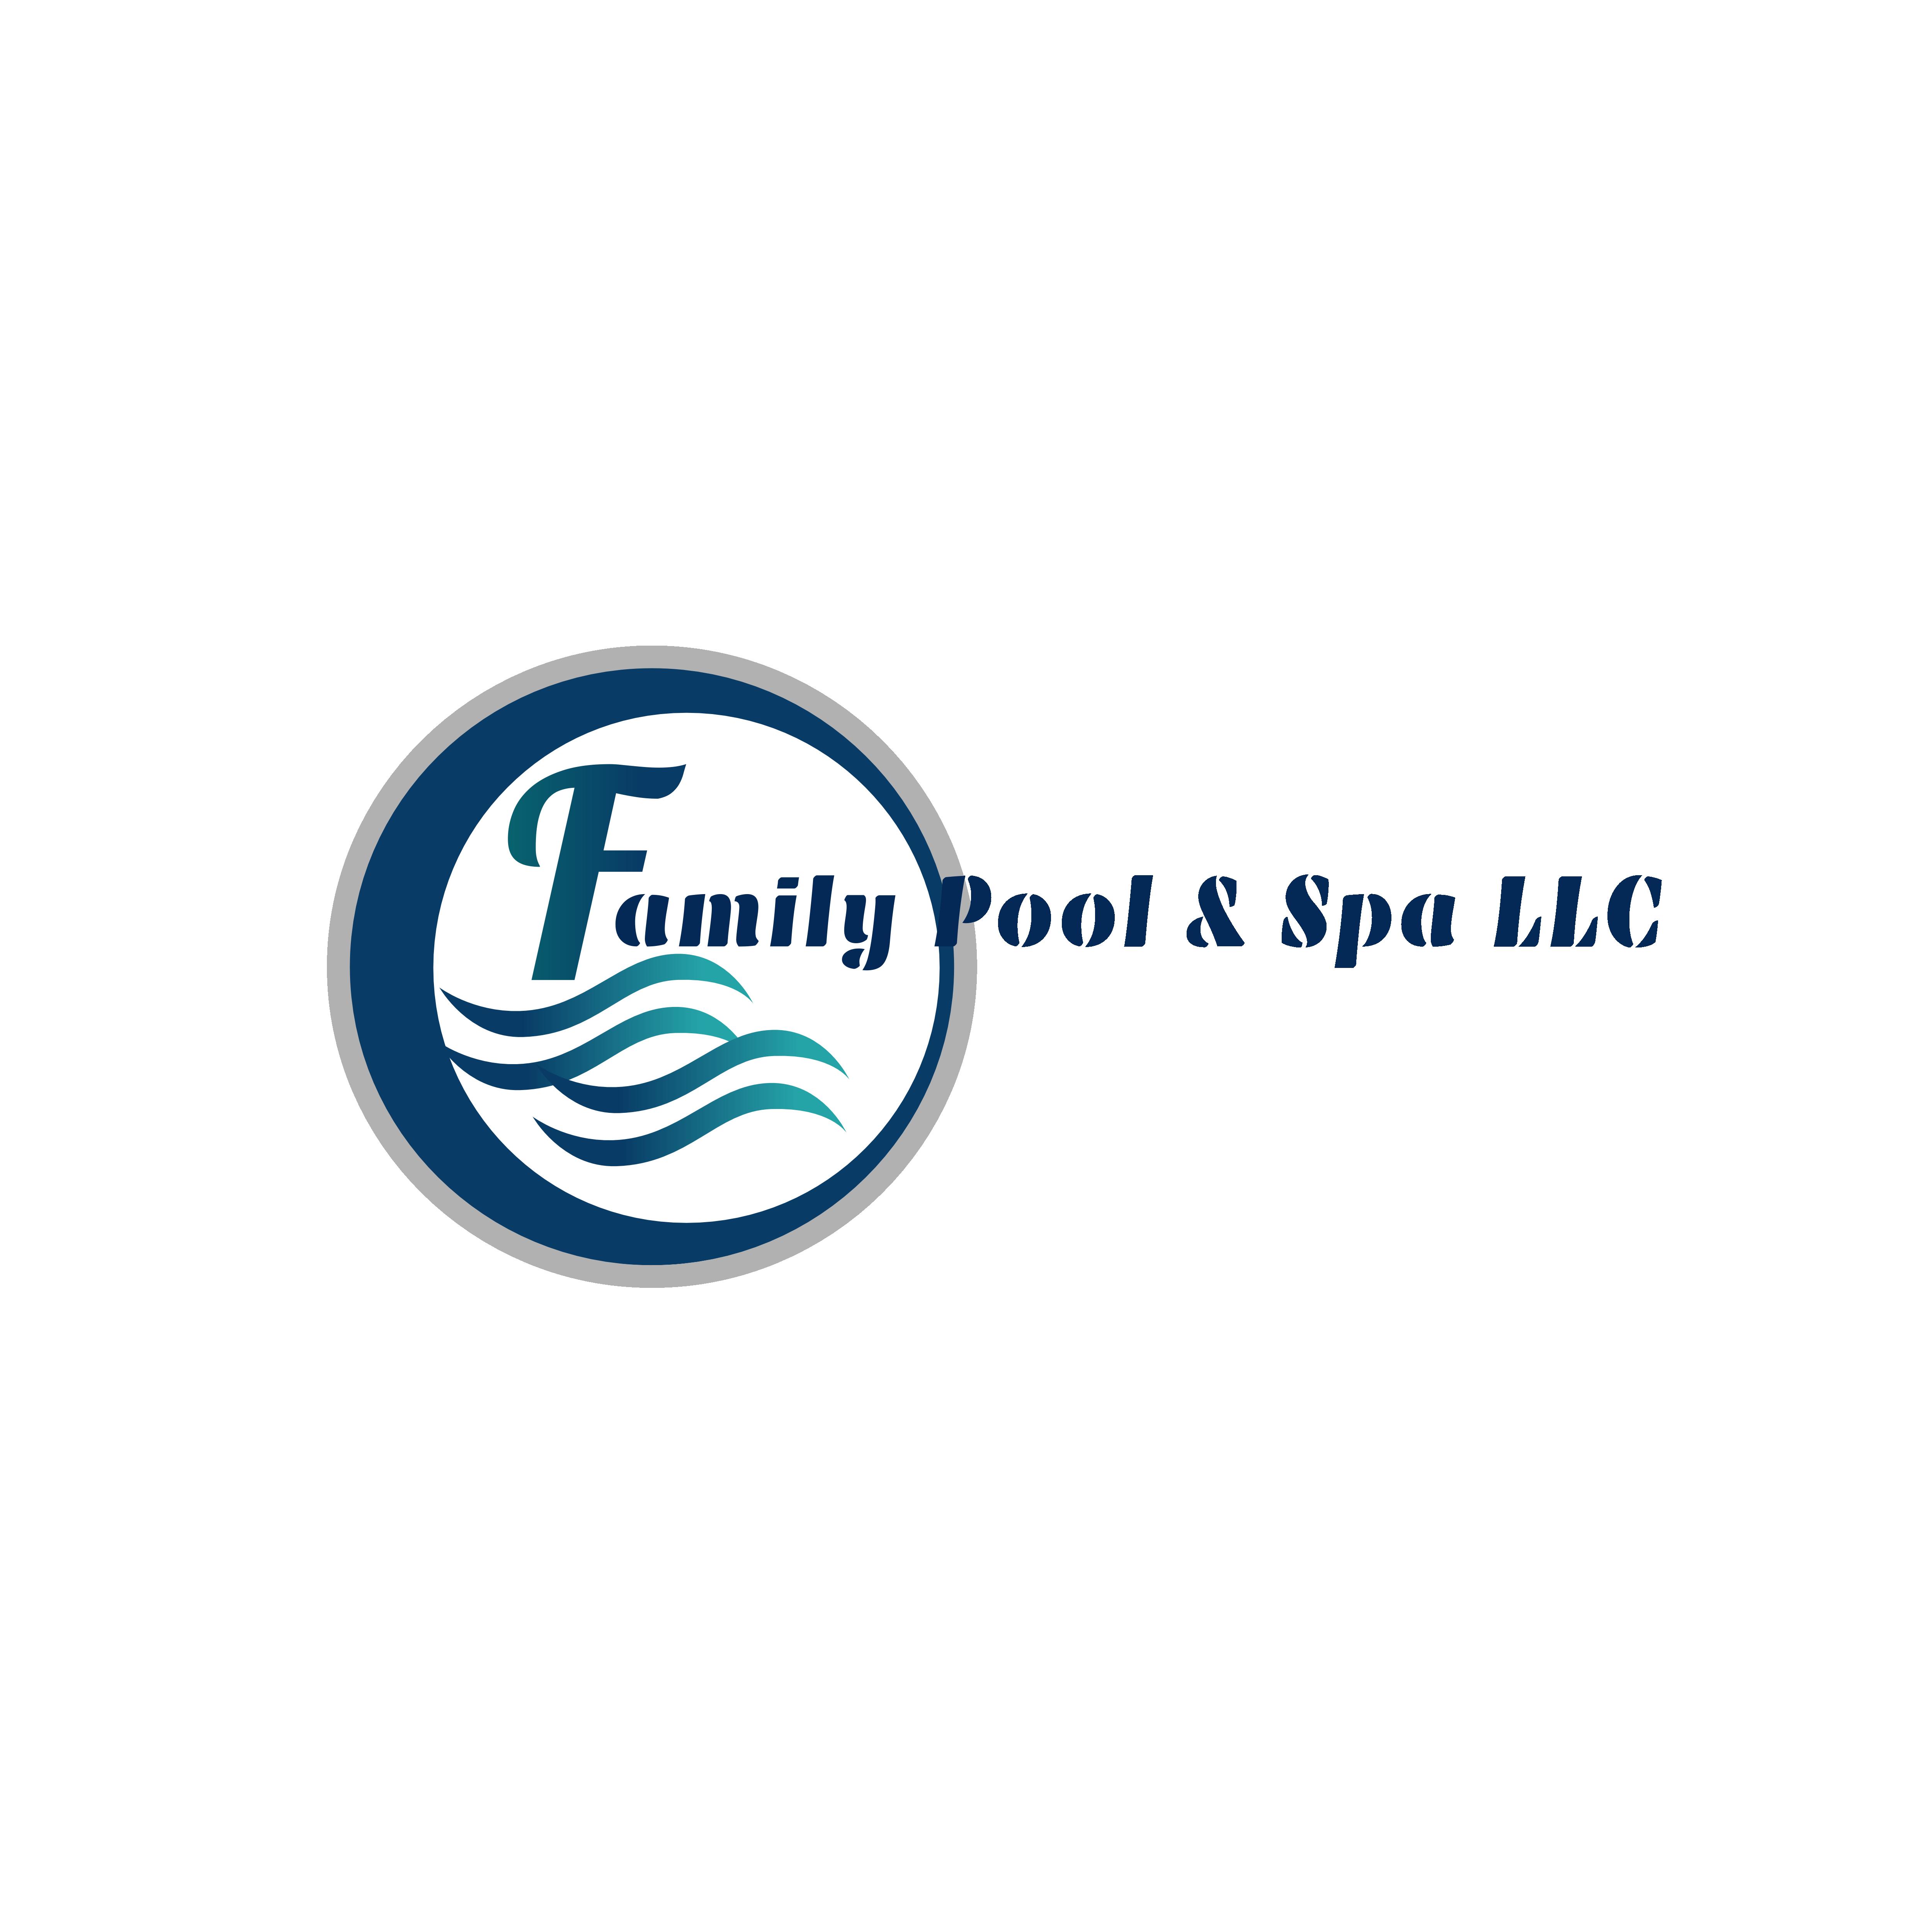 Family Pool & Spa - Eagle, ID 83616 - (208)939-7665 | ShowMeLocal.com